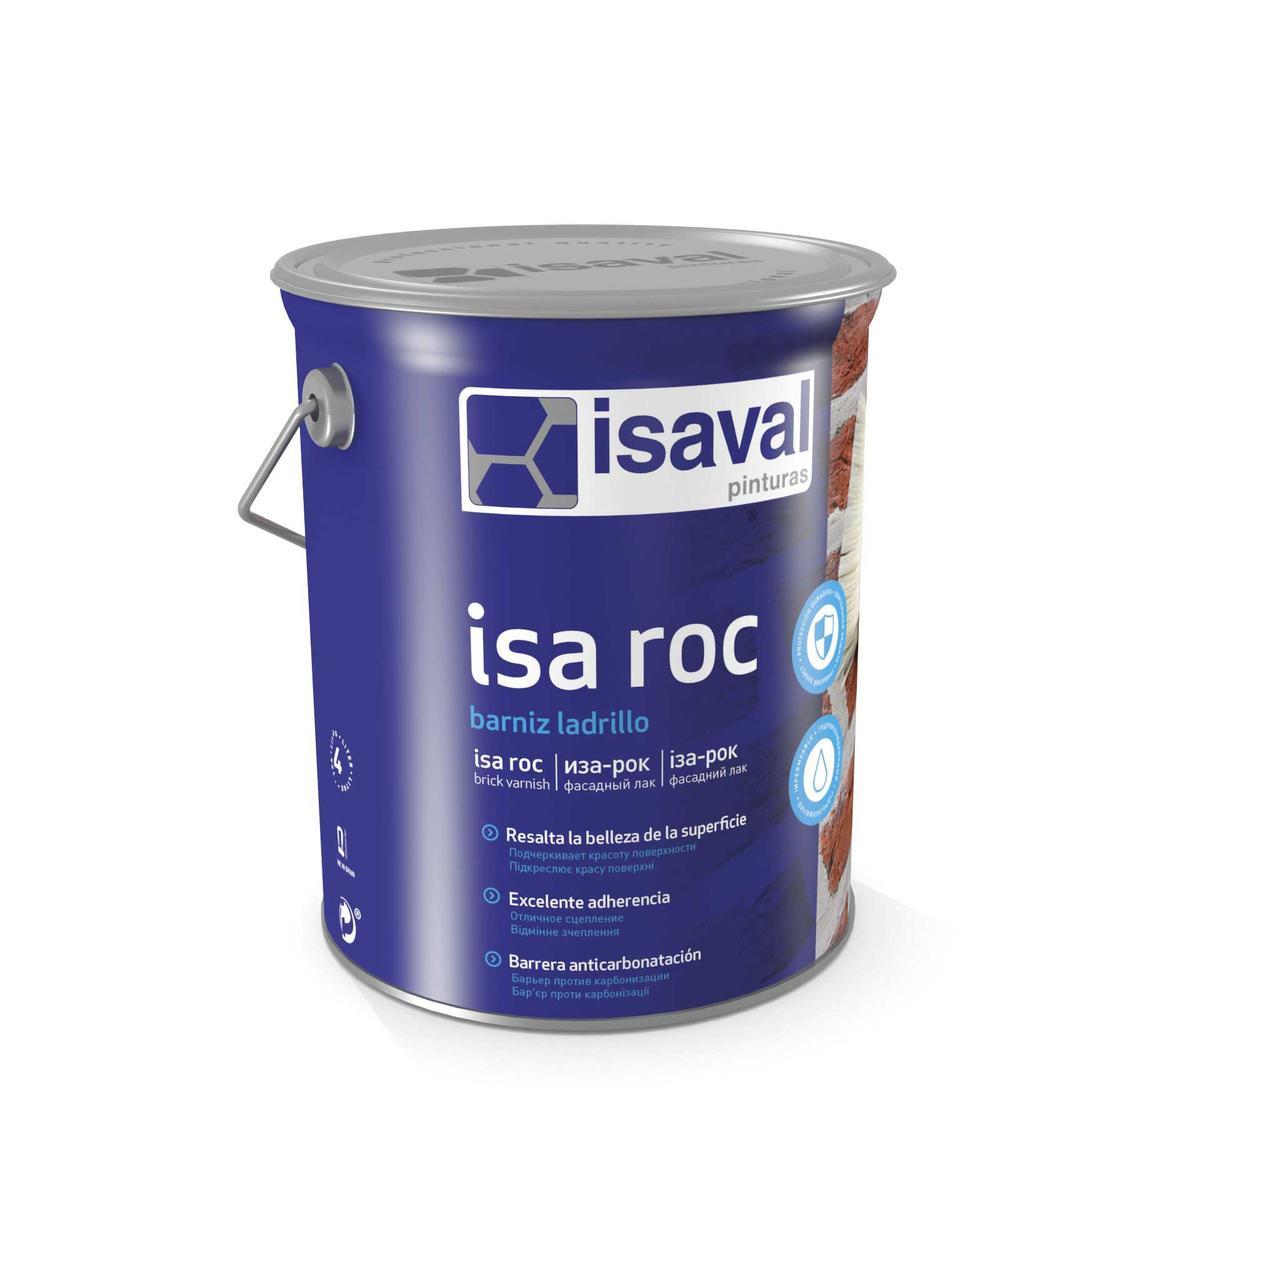 Лак для каменю мокрий ефект фасадний гідроізоляційний Ізарок isaval 4л до 40м²/шар